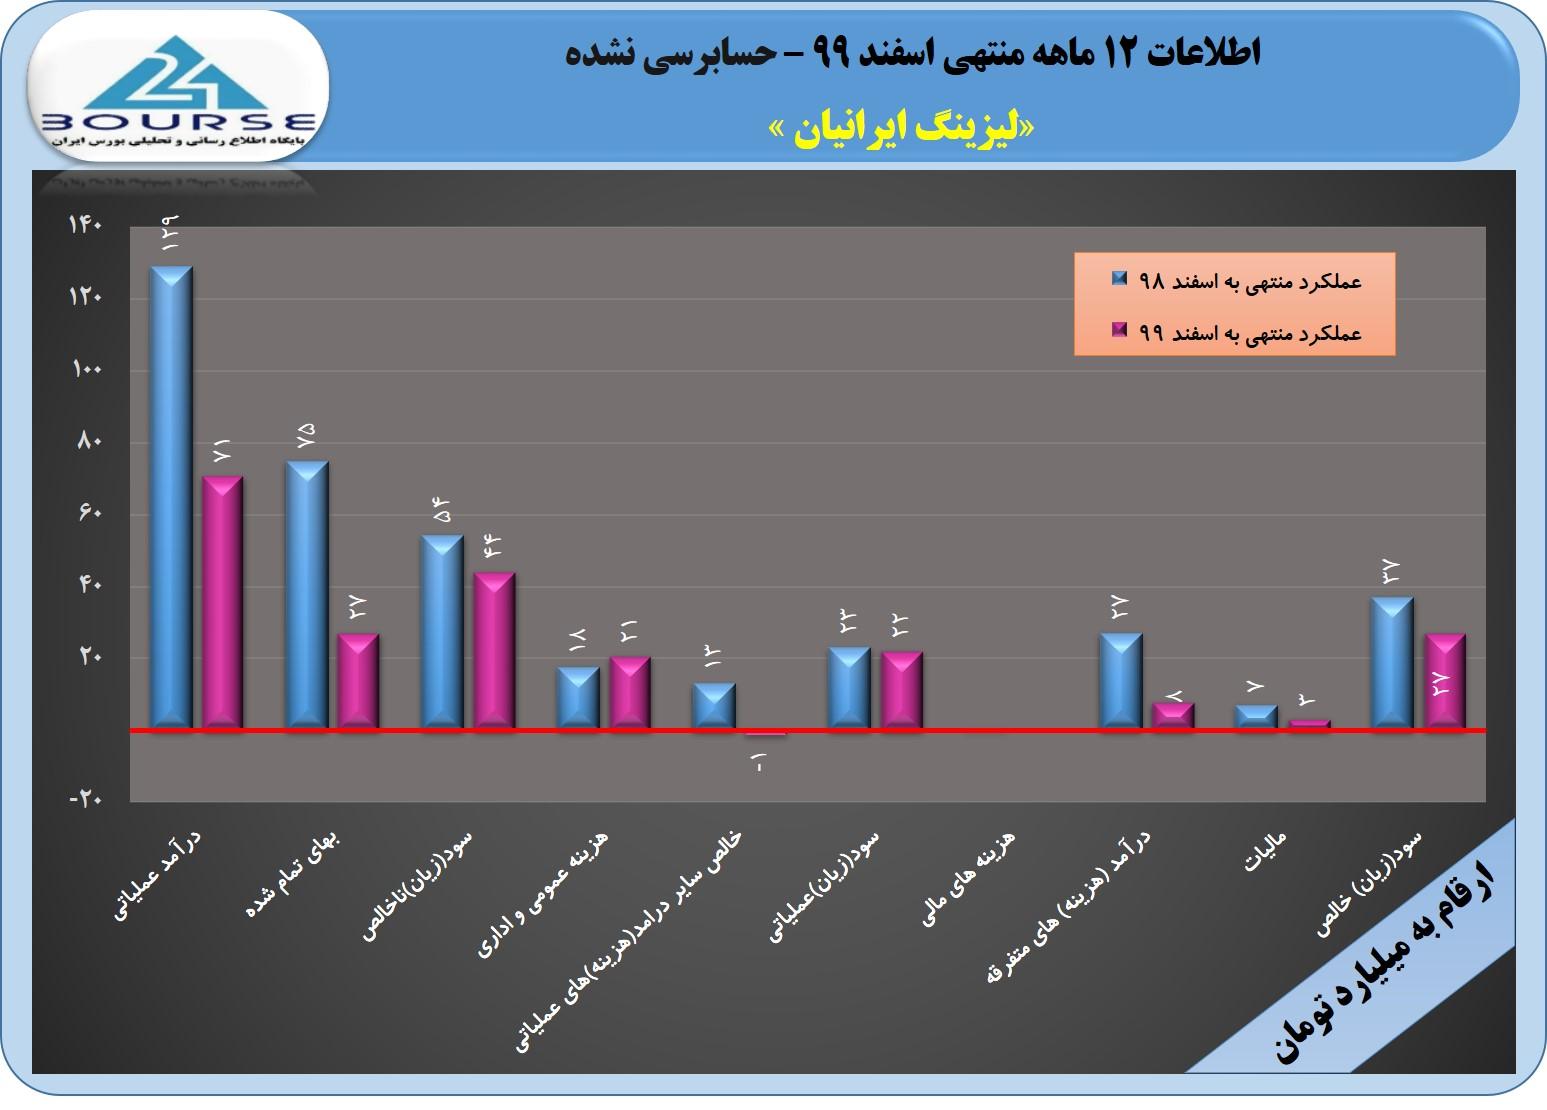 لیزینگ ایرانیان در سال ٩٩ چقدر سود ساخت؟